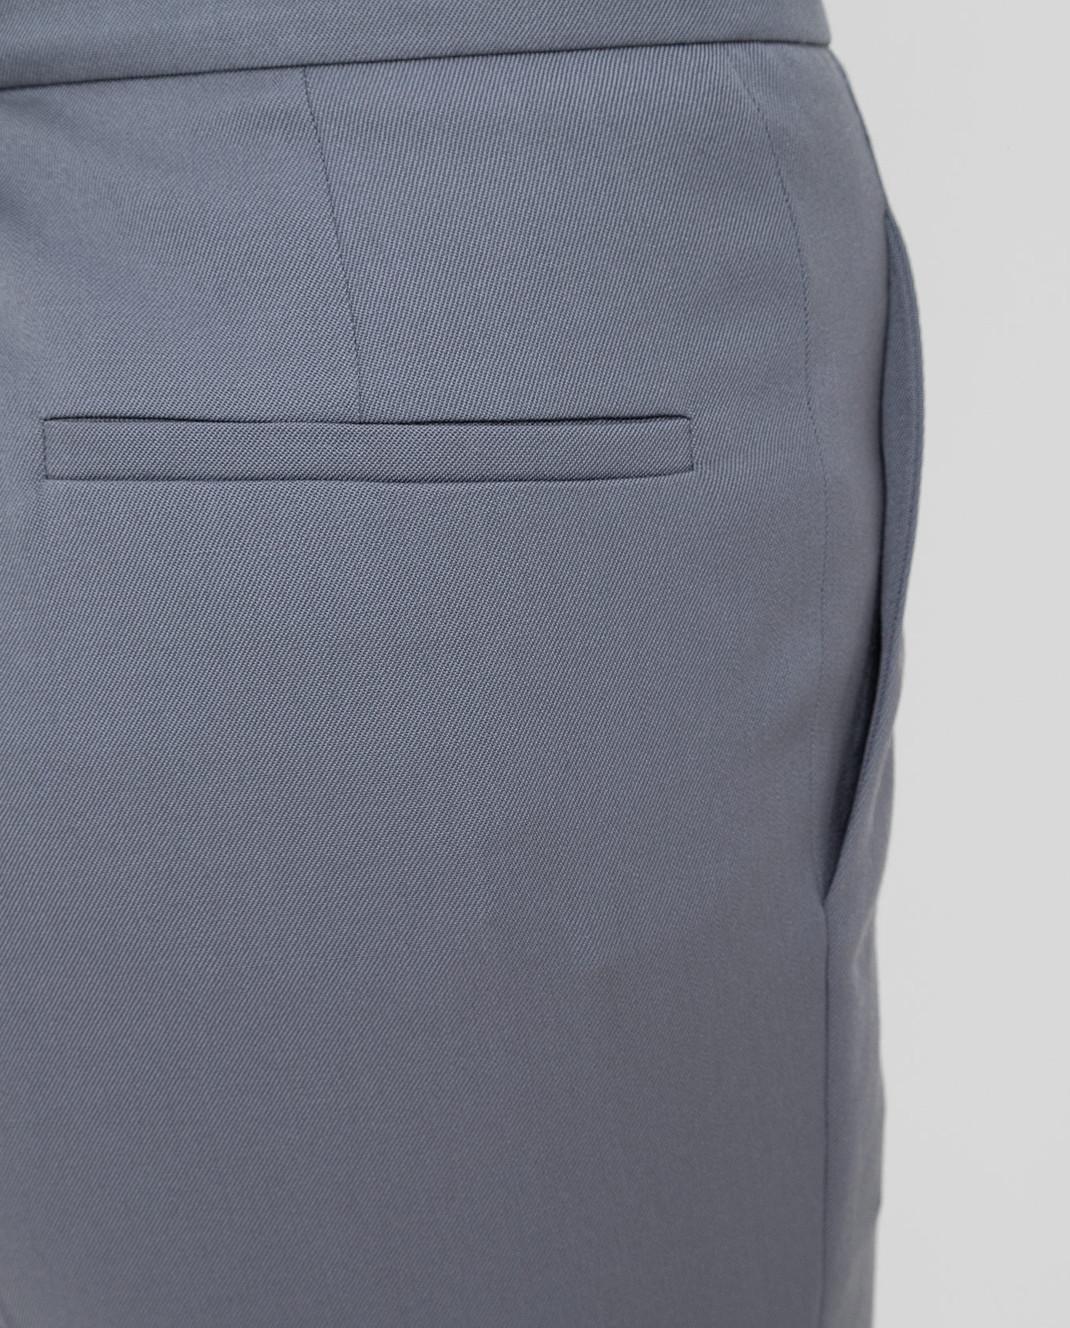 NINA RICCI Серые брюки из шерсти изображение 5